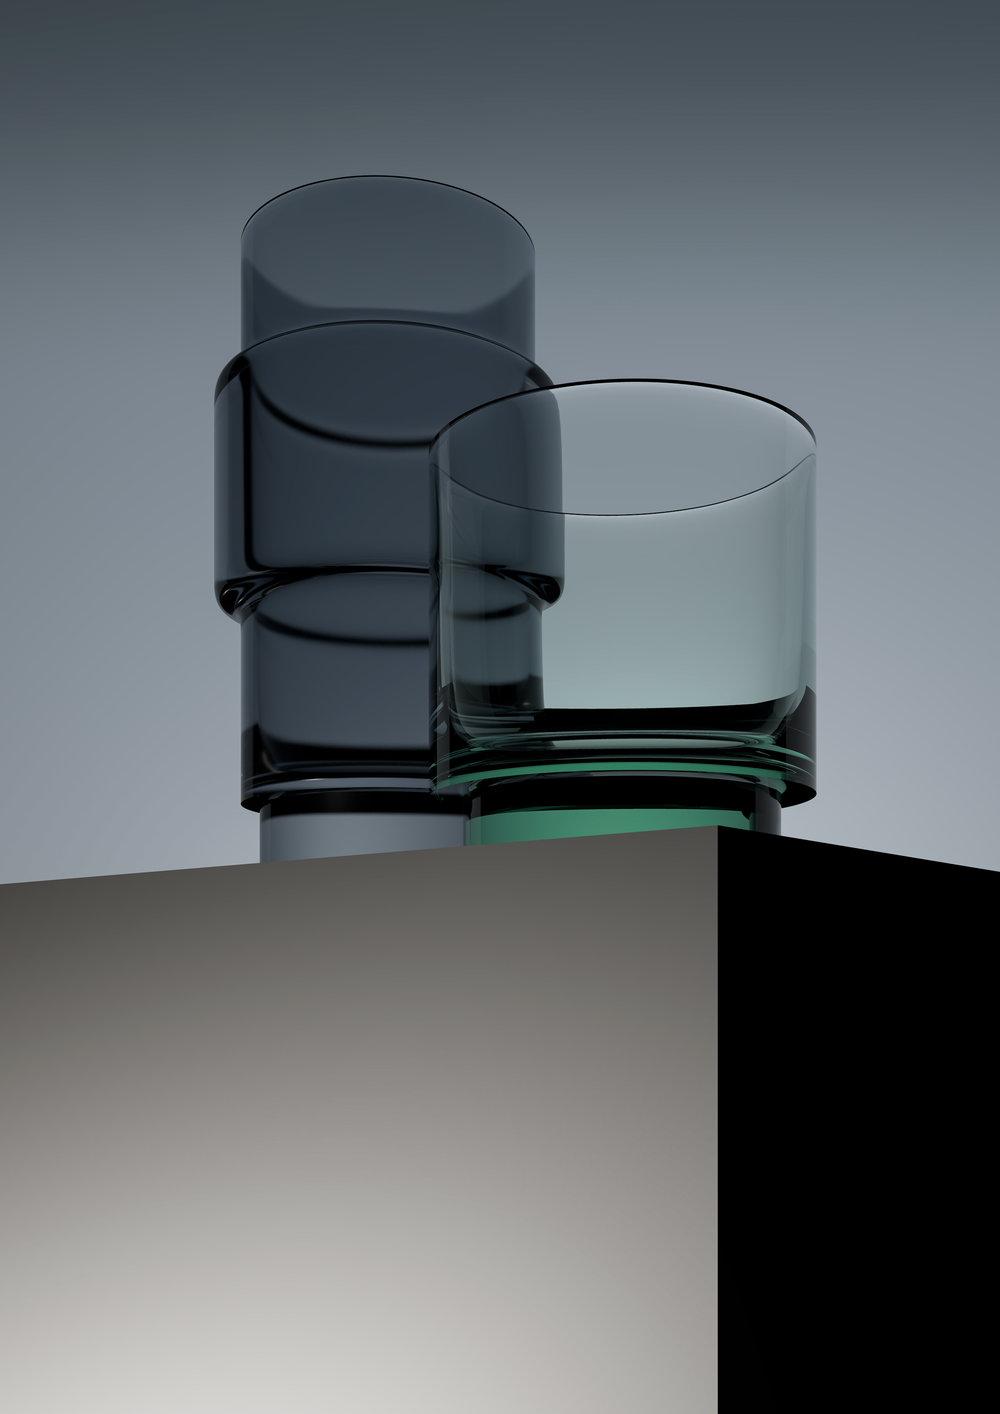 Entwurf-Glasvisualisierung-Gefäss-II_0005-standard-LR-PS-cropped.jpg